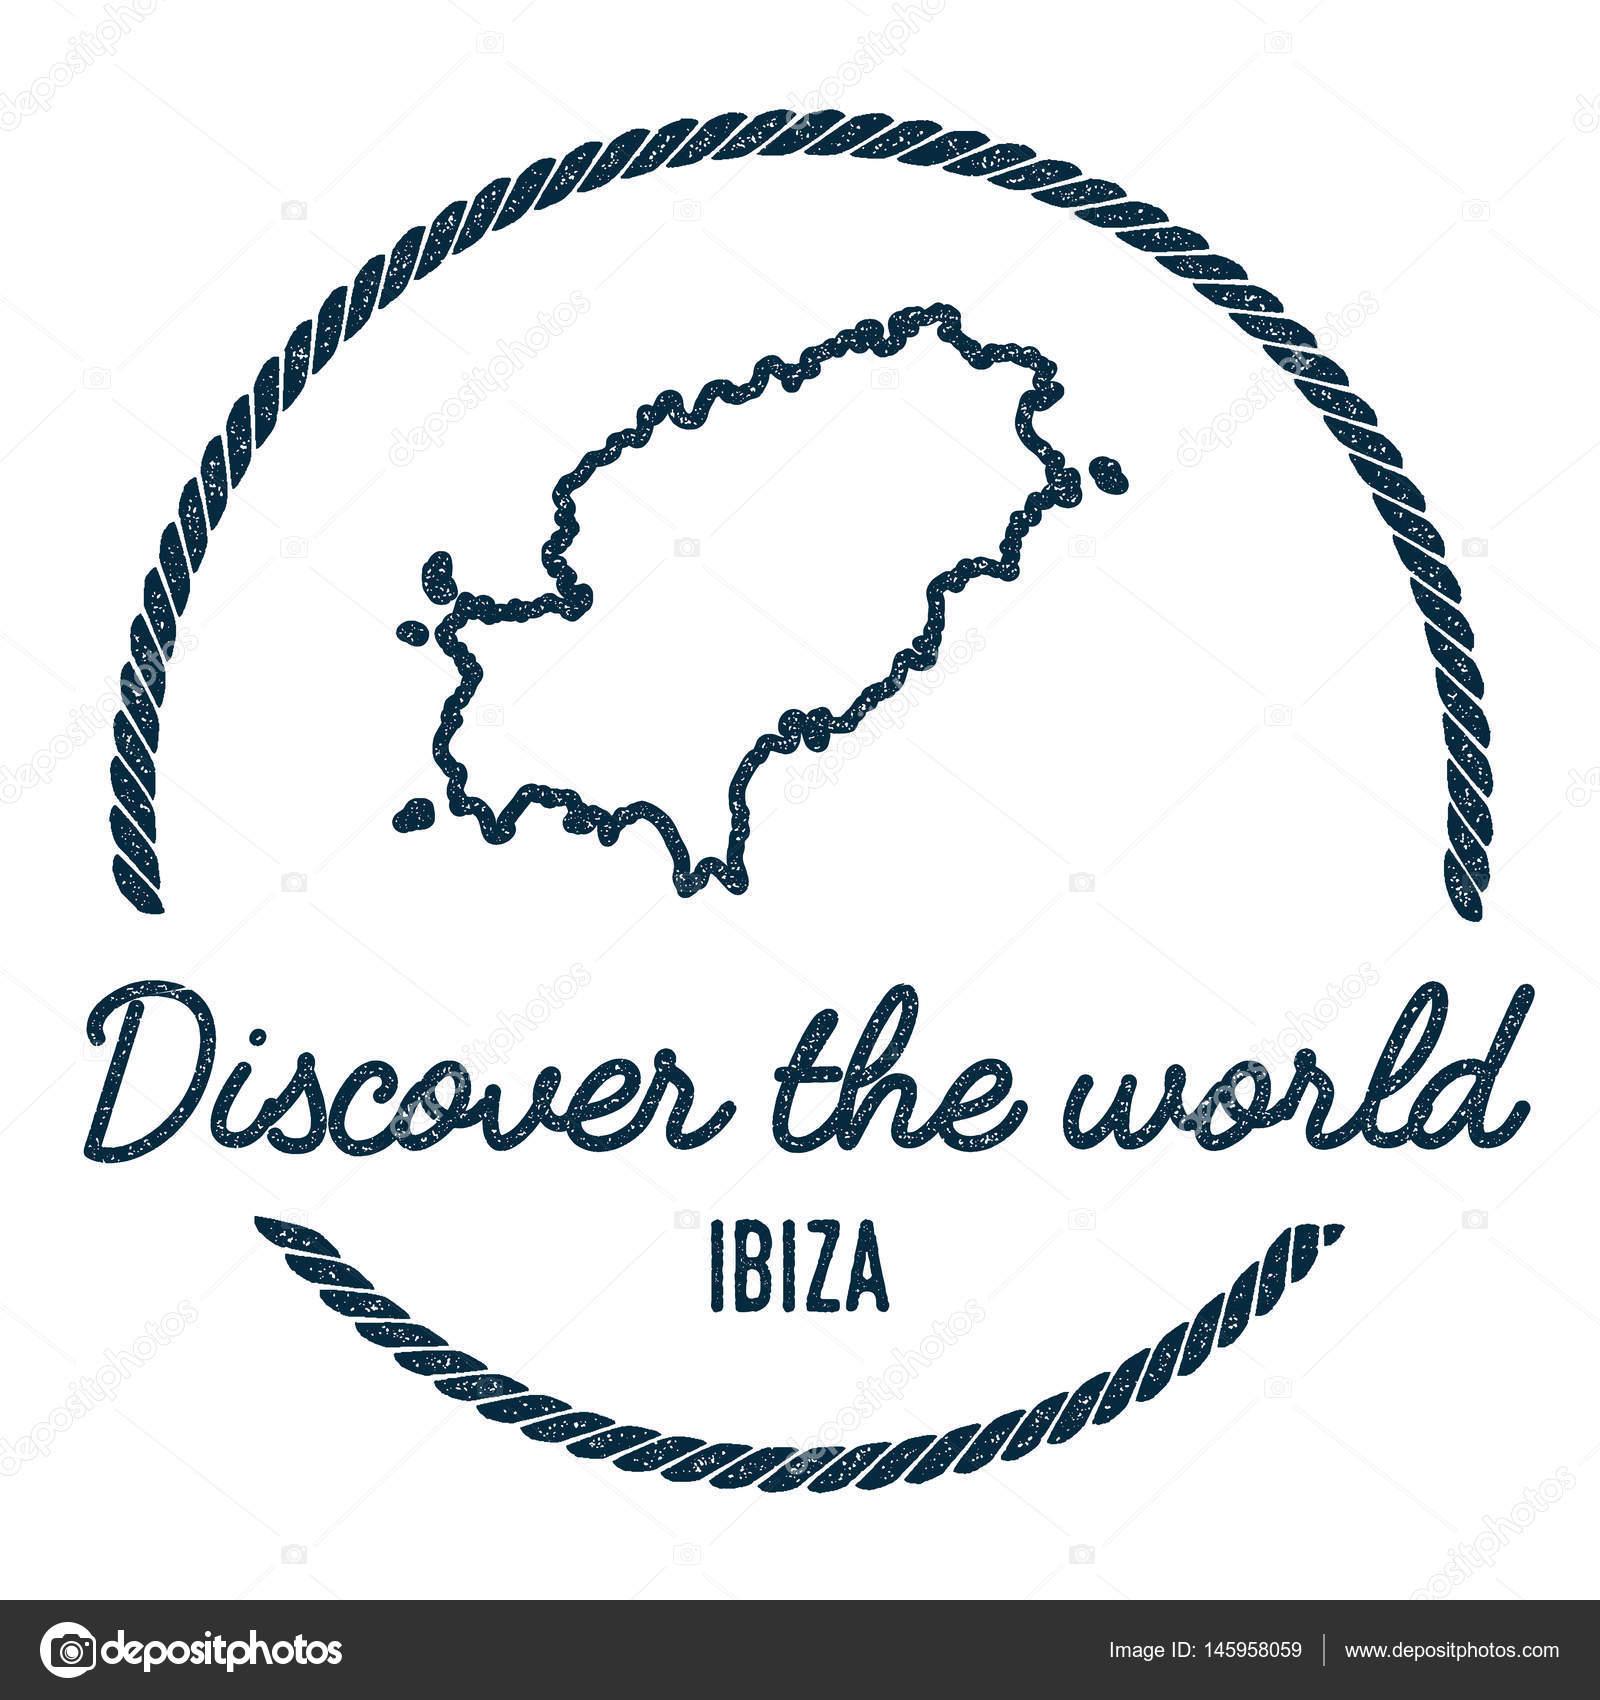 Ibiza Karte Umriss.Ibiza Karte Umriss Vintage Entdecken Die Welt Stempel Mit Insel